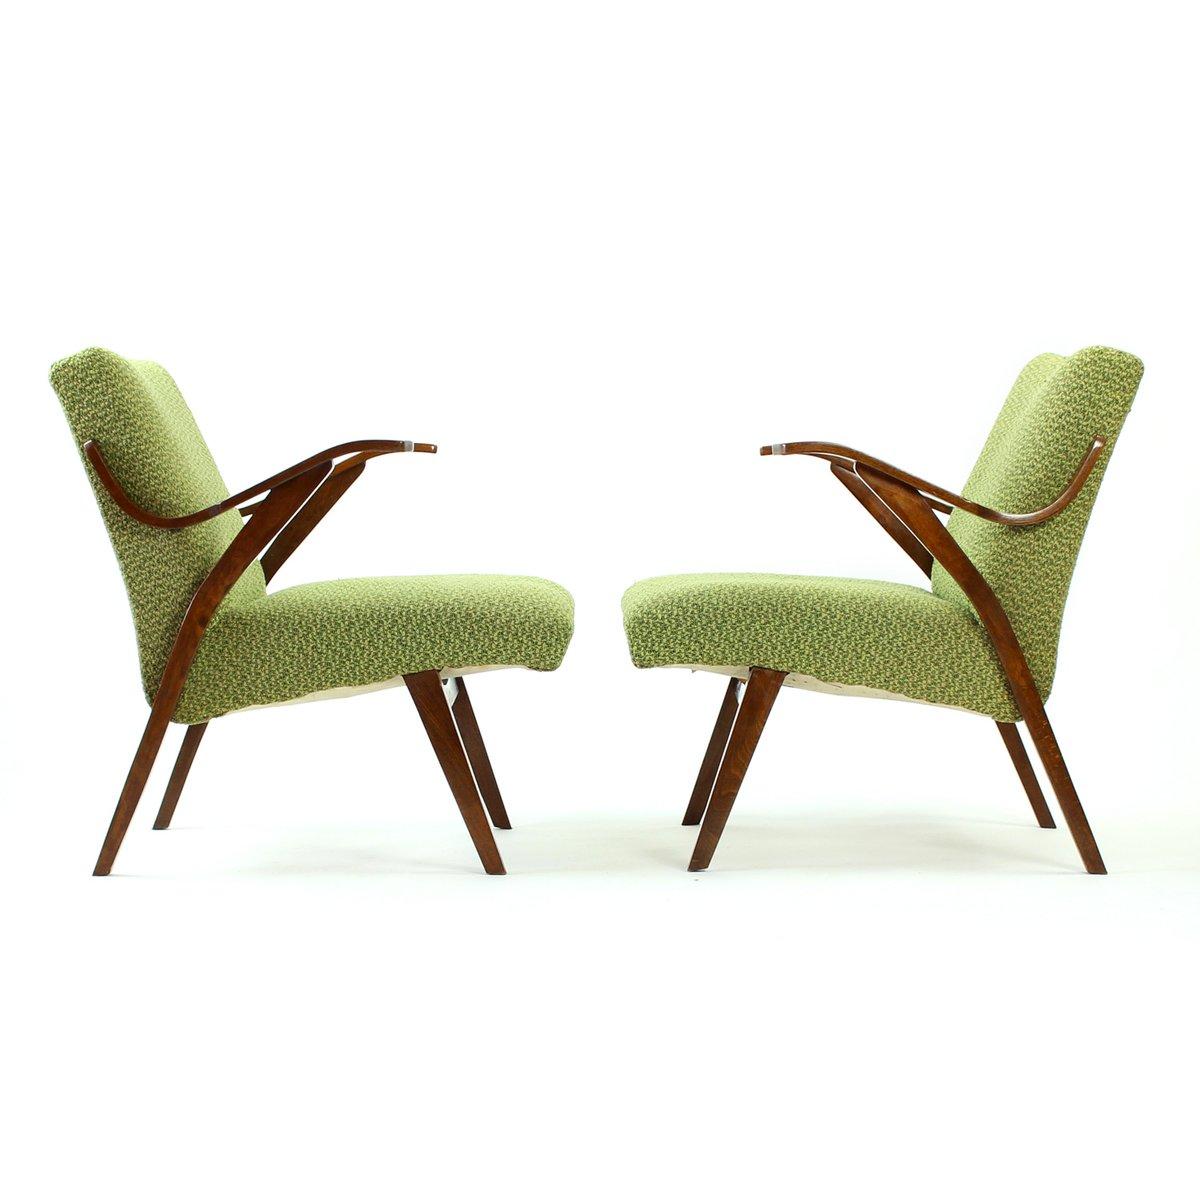 gr ner bugholz sessel von mier 1960er bei pamono kaufen. Black Bedroom Furniture Sets. Home Design Ideas